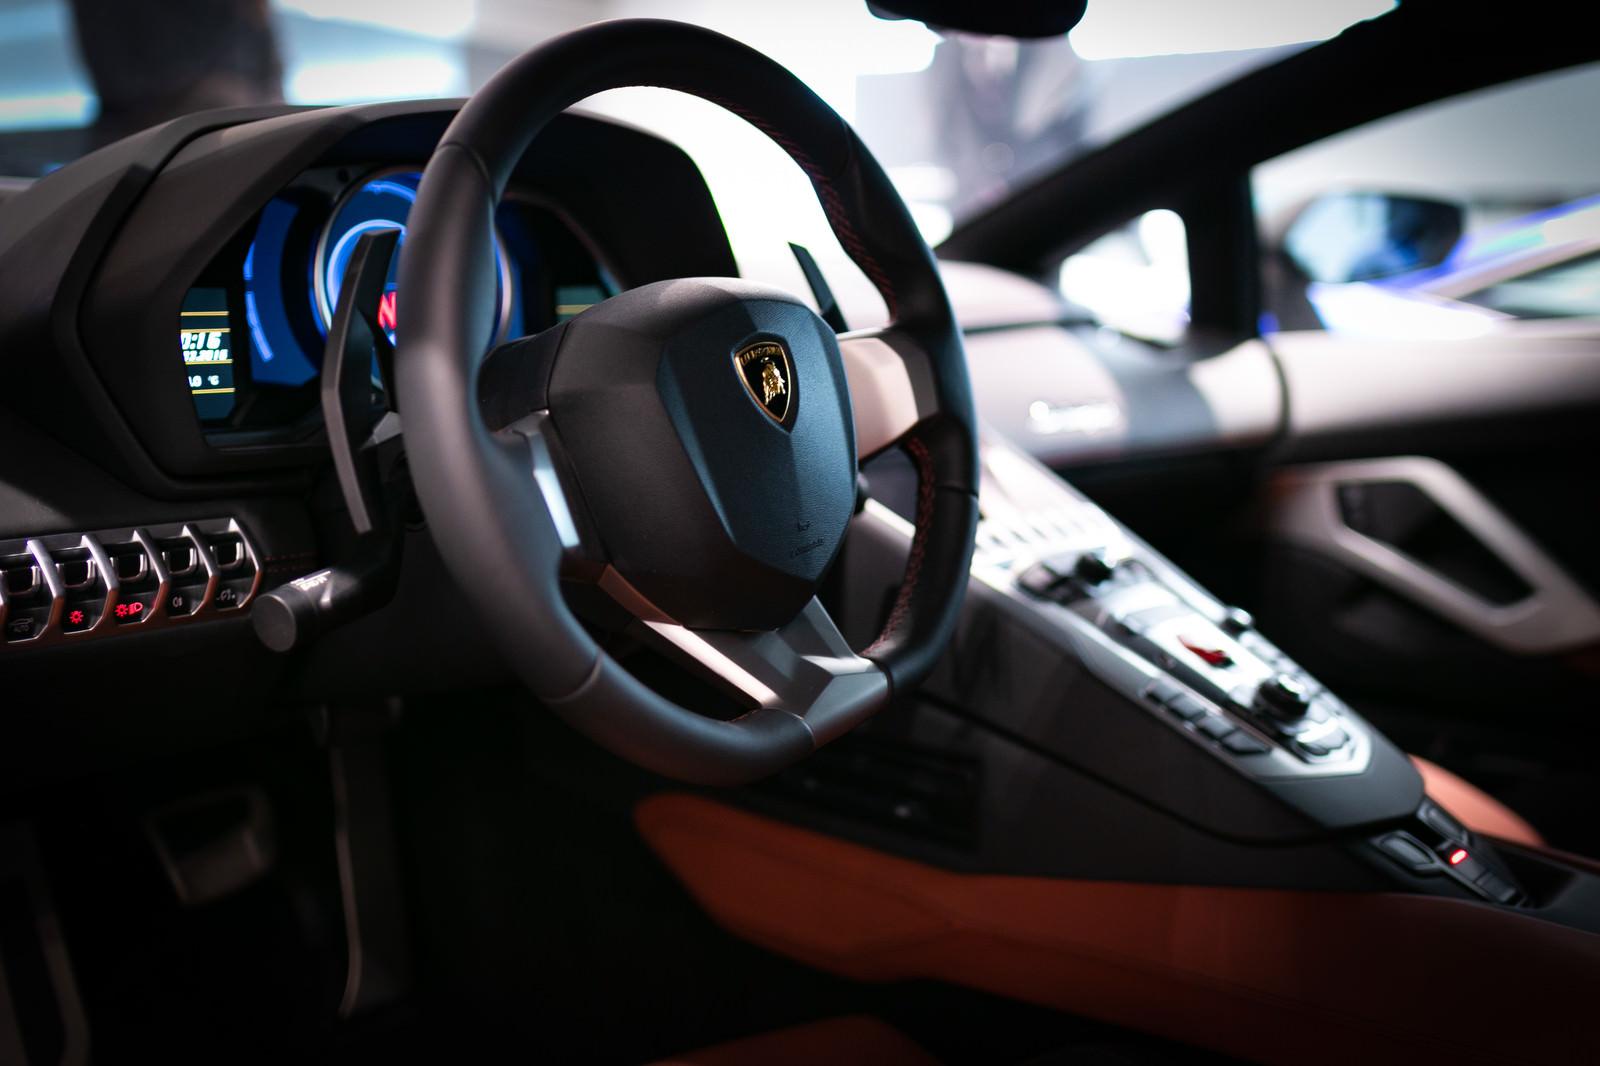 「ランボルギーニ・アヴェンタドール運転席ランボルギーニ・アヴェンタドール運転席」のフリー写真素材を拡大